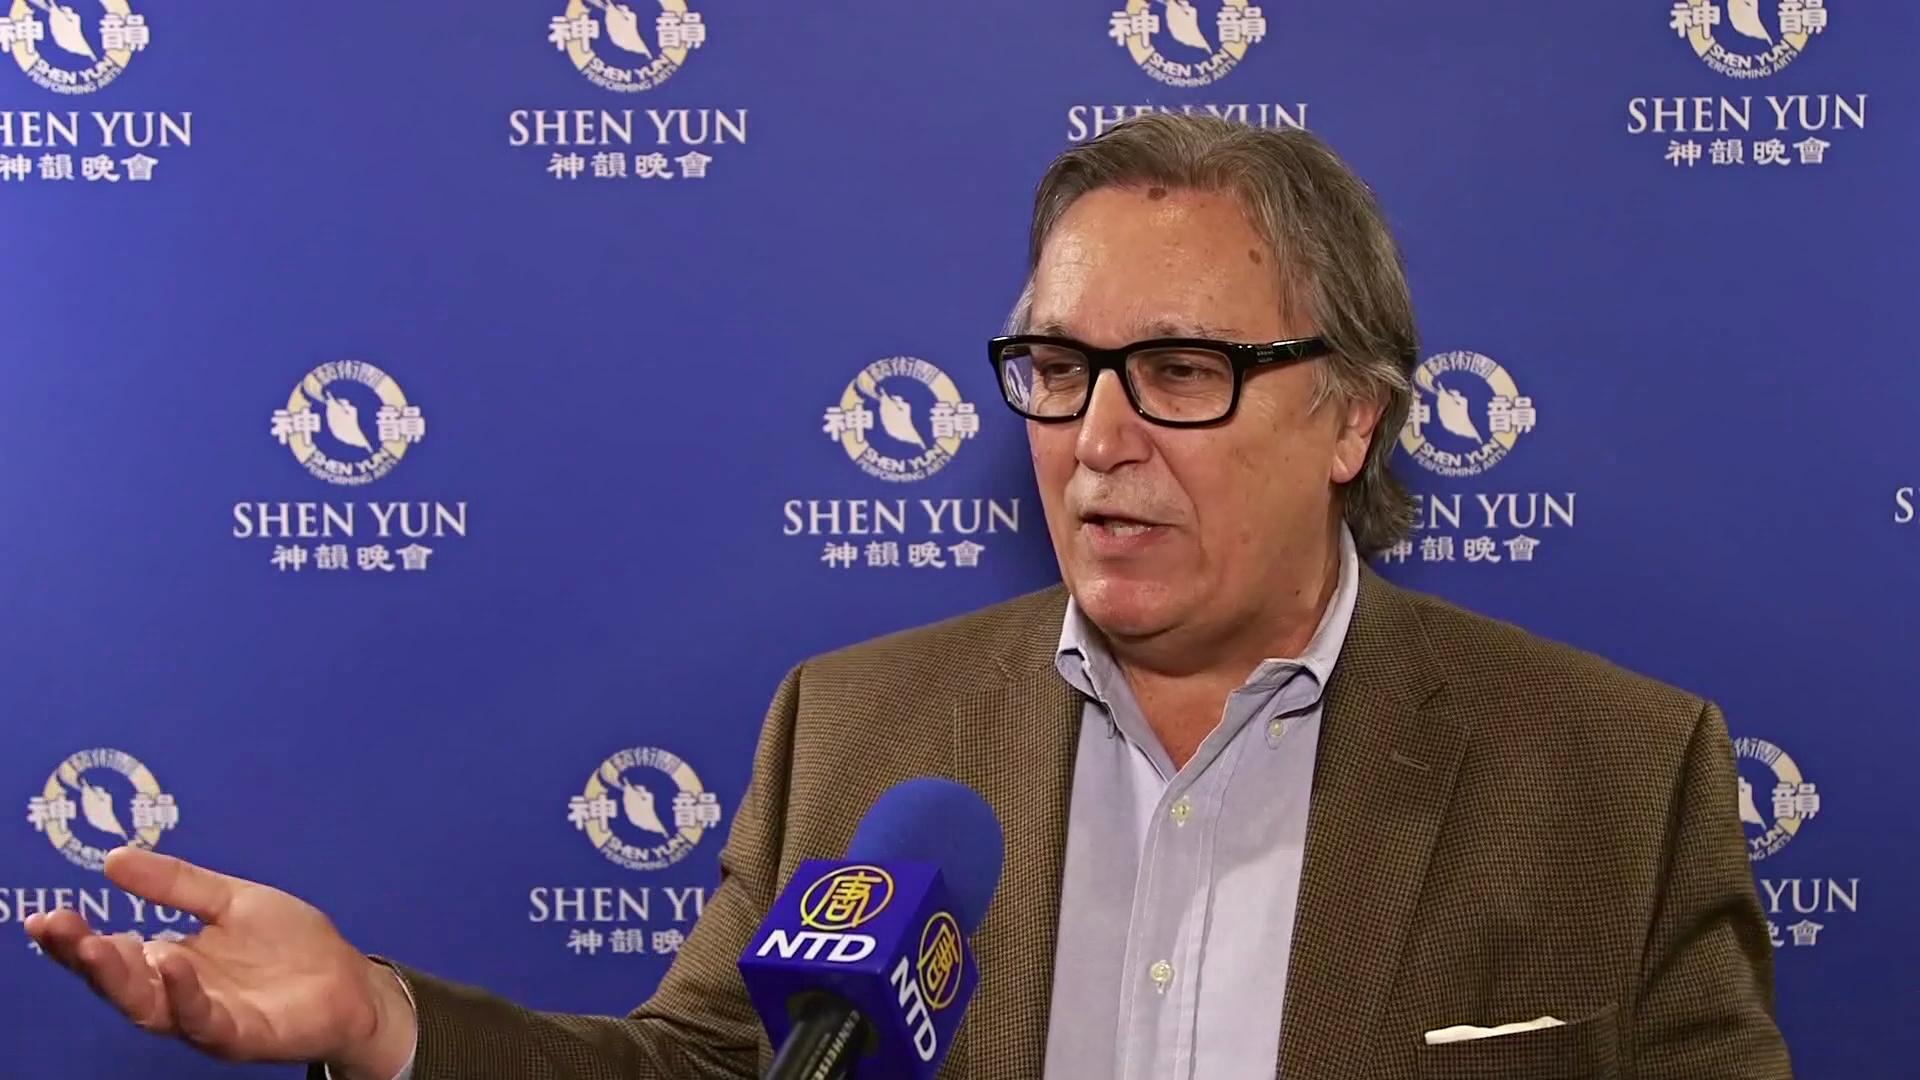 Зрители в Лос-Анджелесе назвали шоу Shen Yun прекрасным и захватывающим